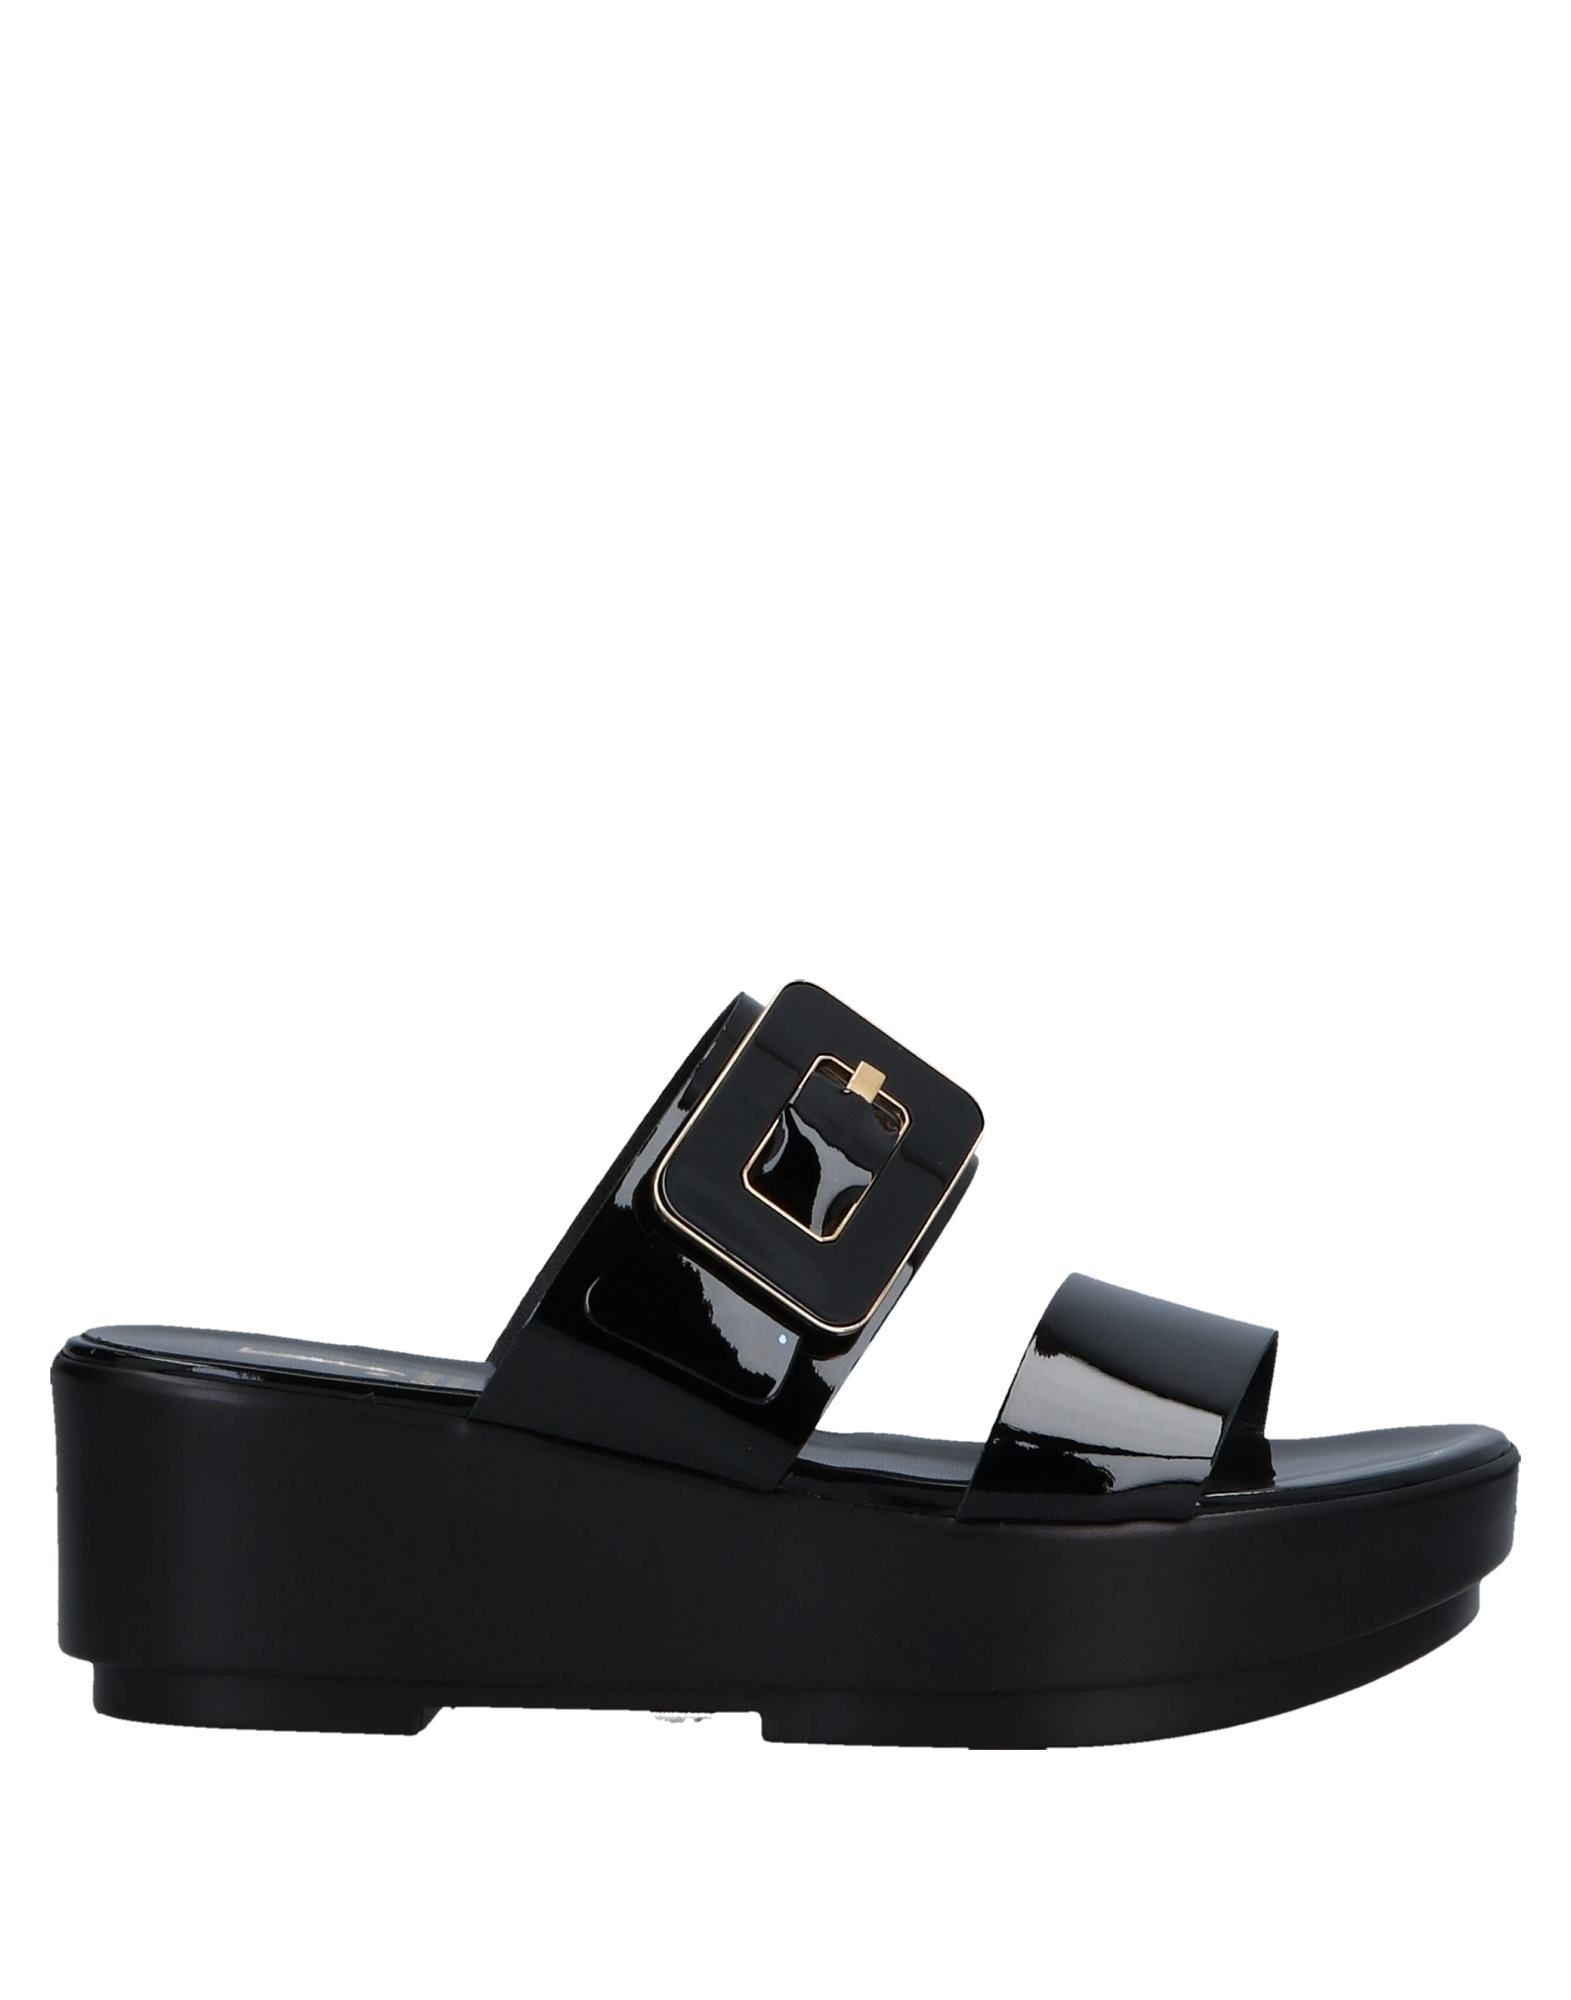 Jeannot Sandalen Damen  11521940UP Schuhe Gute Qualität beliebte Schuhe 11521940UP 2c7ee0